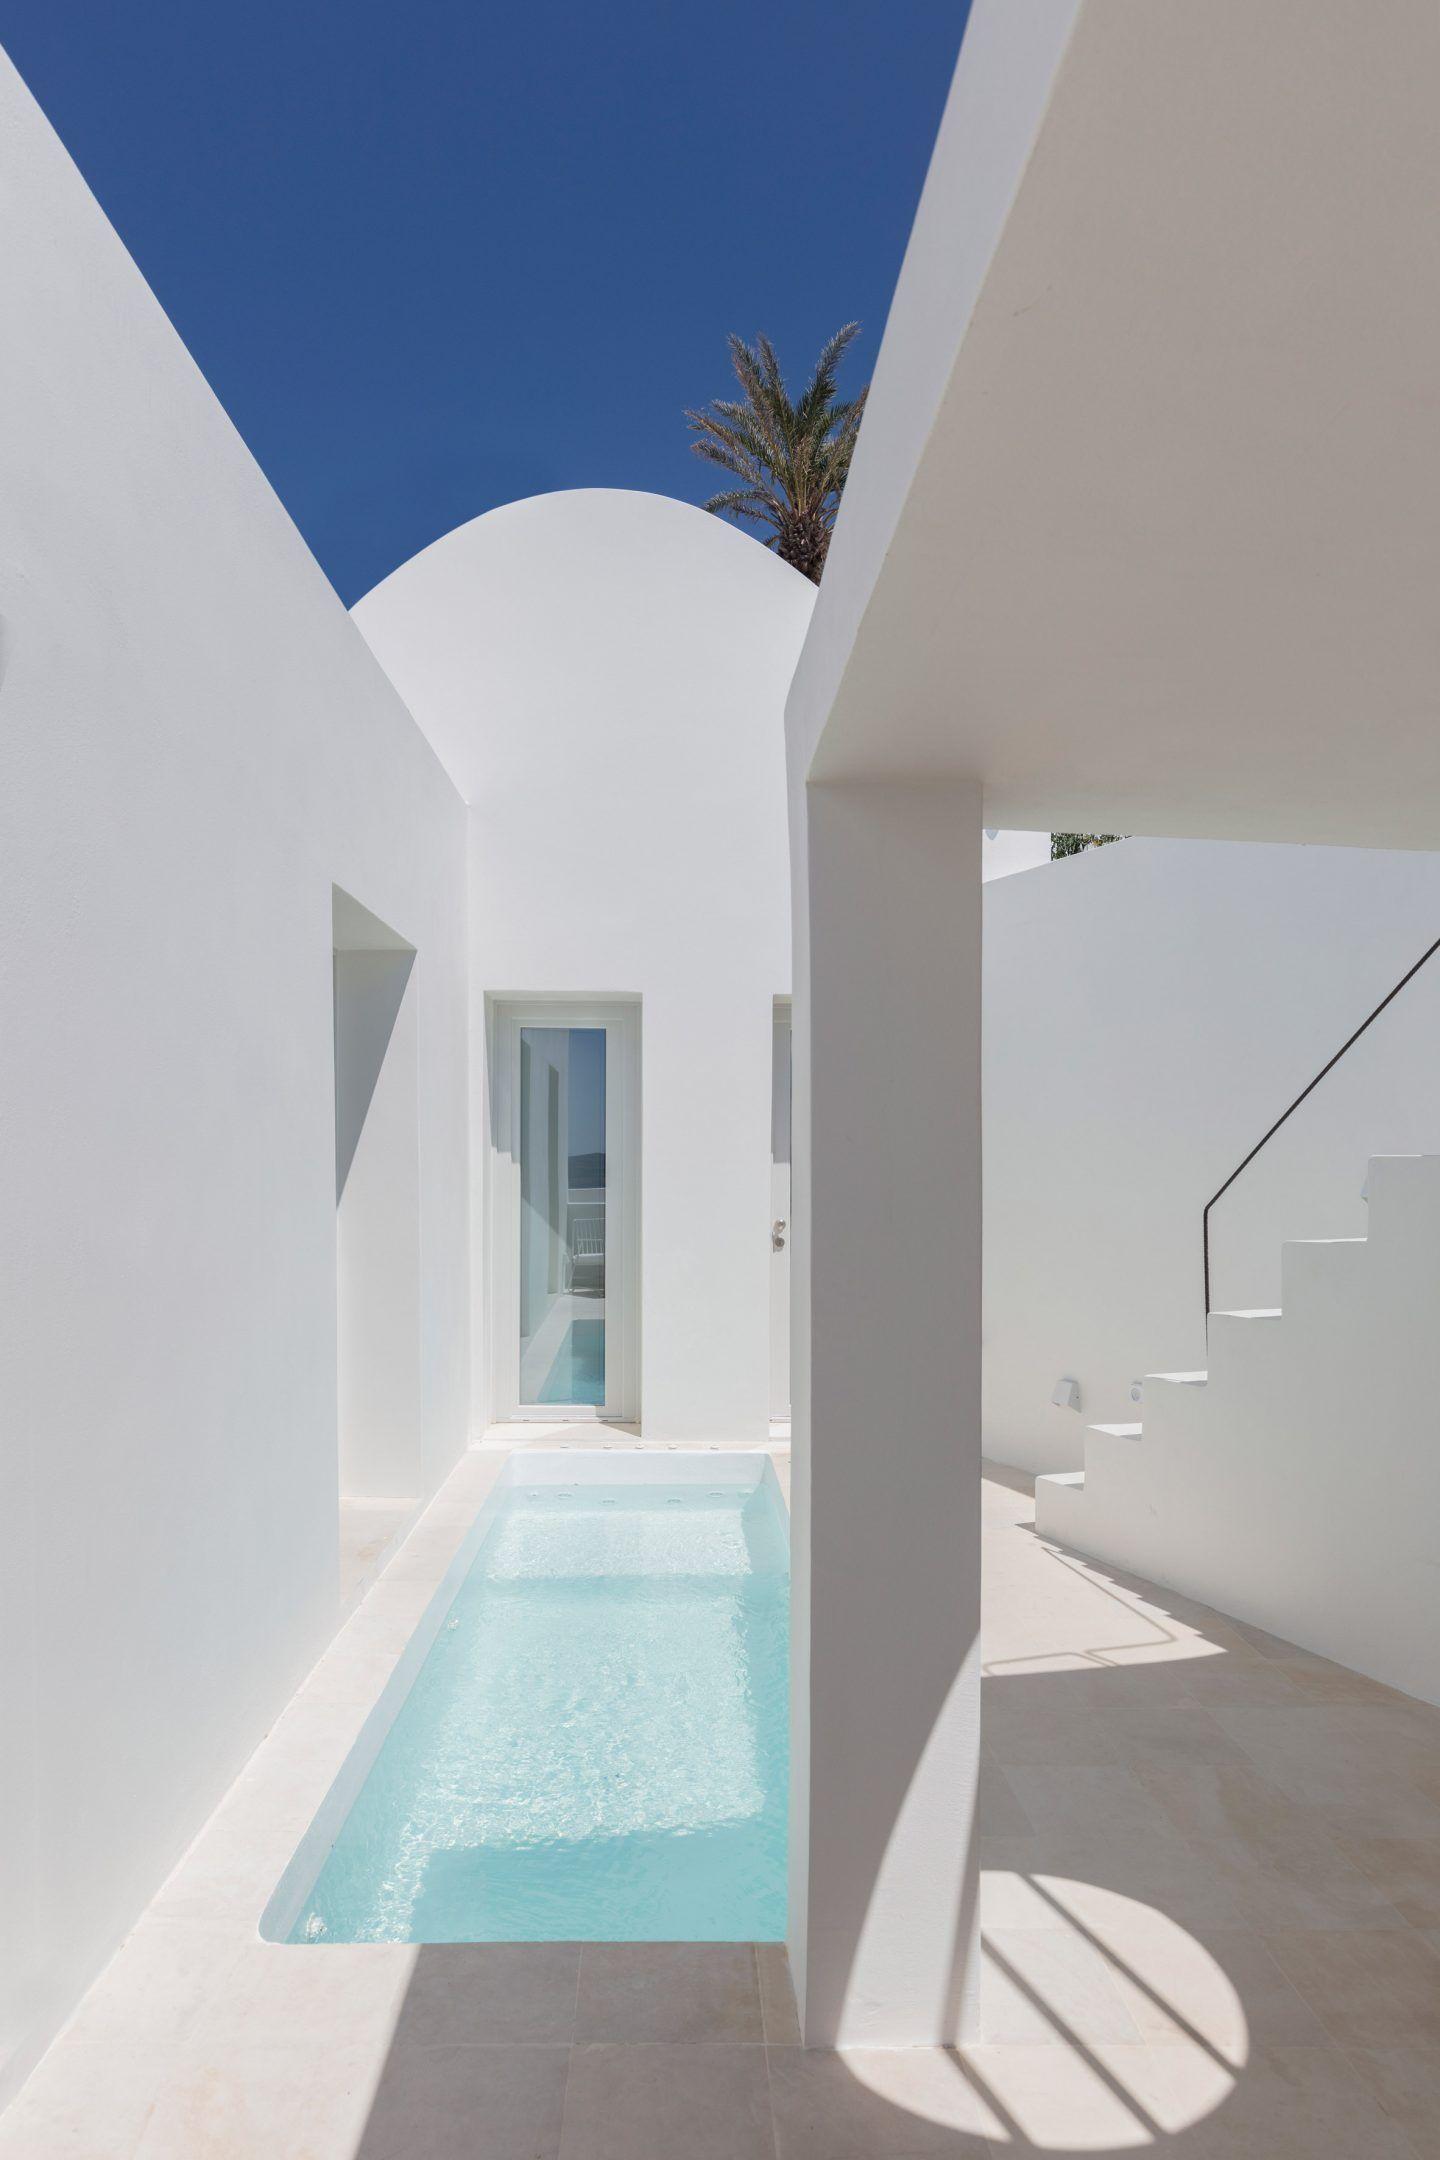 IGNANT-Architecture-Kapsimali-Fira-09